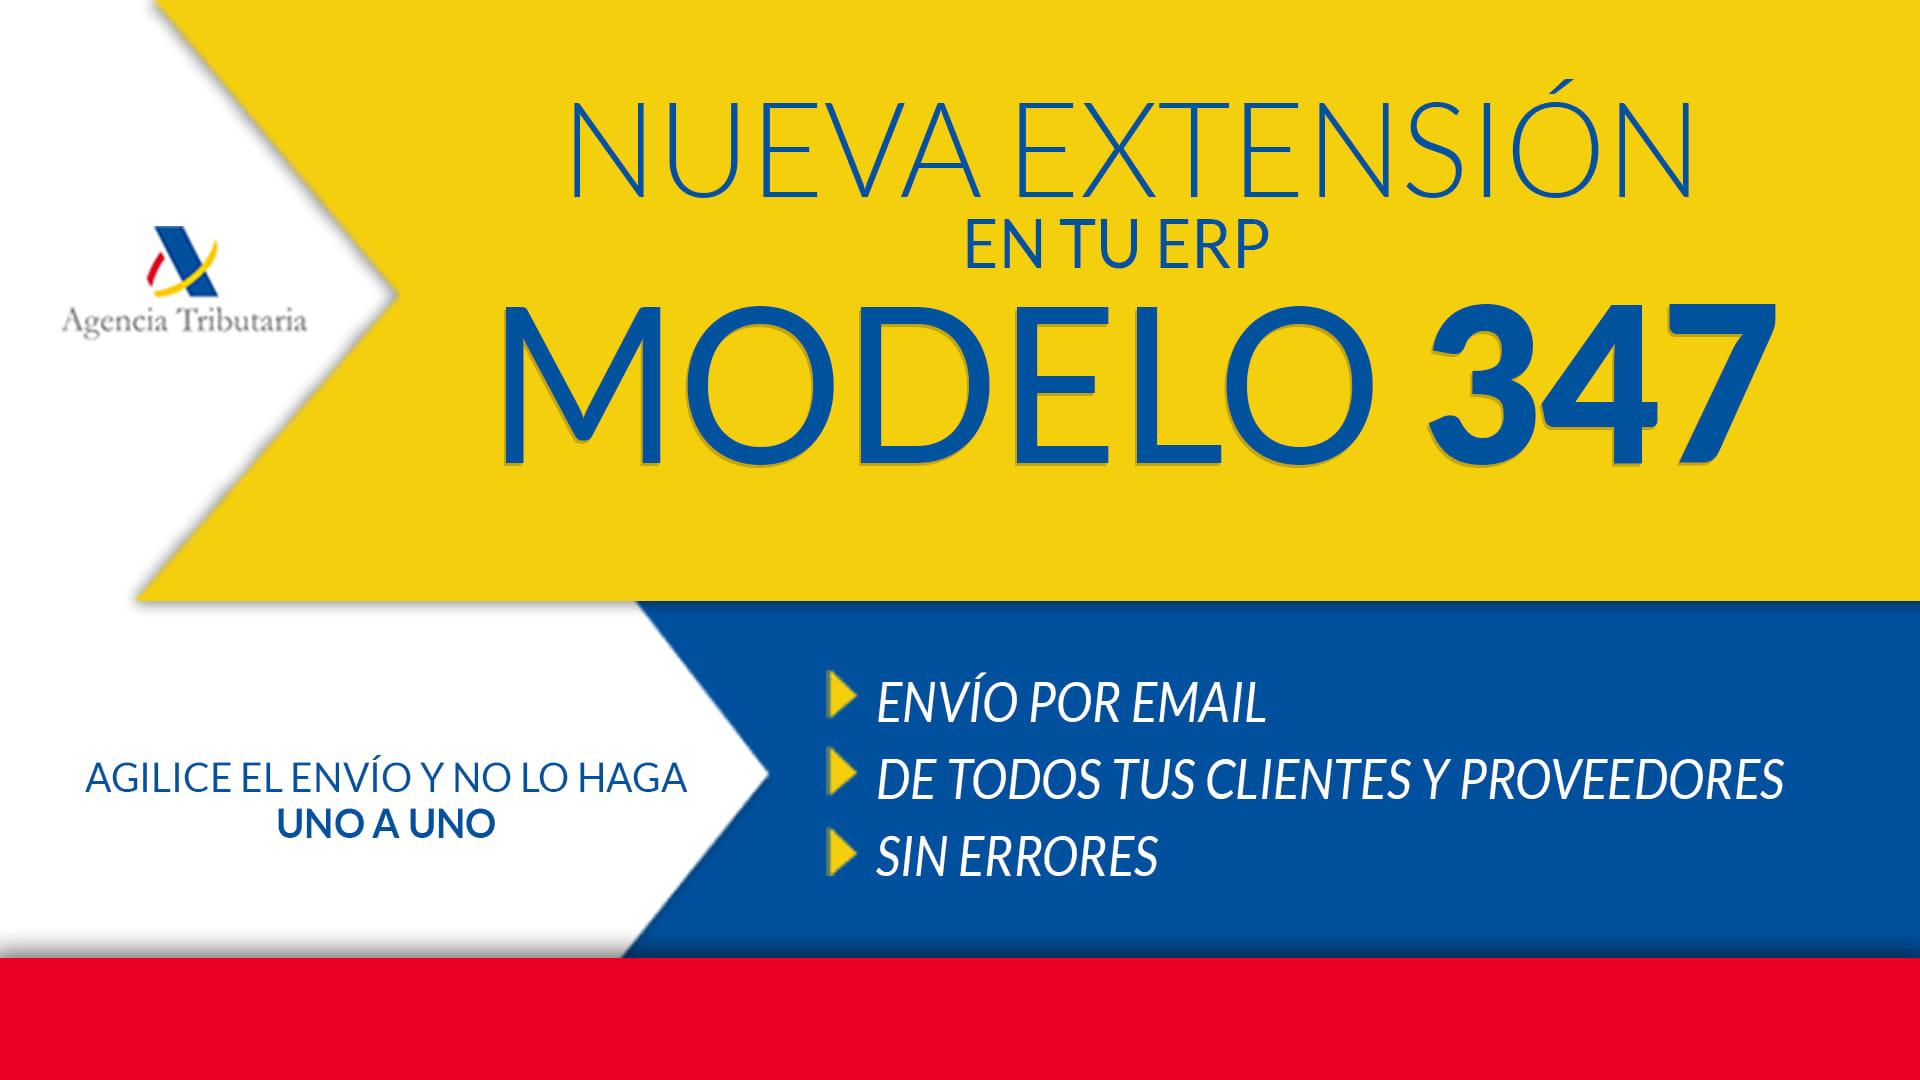 modelo347 extension programa de contabilidad contadoc